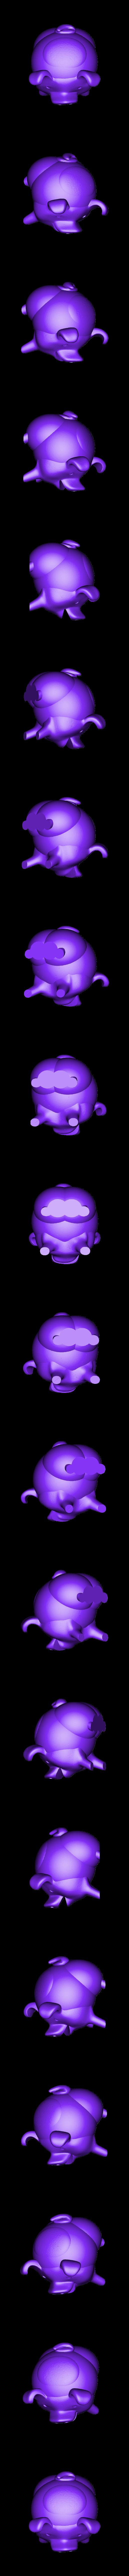 Cute_Pig.stl Télécharger fichier STL gratuit Supportless - Cute Pig (test d'imprimante 3D) • Plan à imprimer en 3D, FiveNights